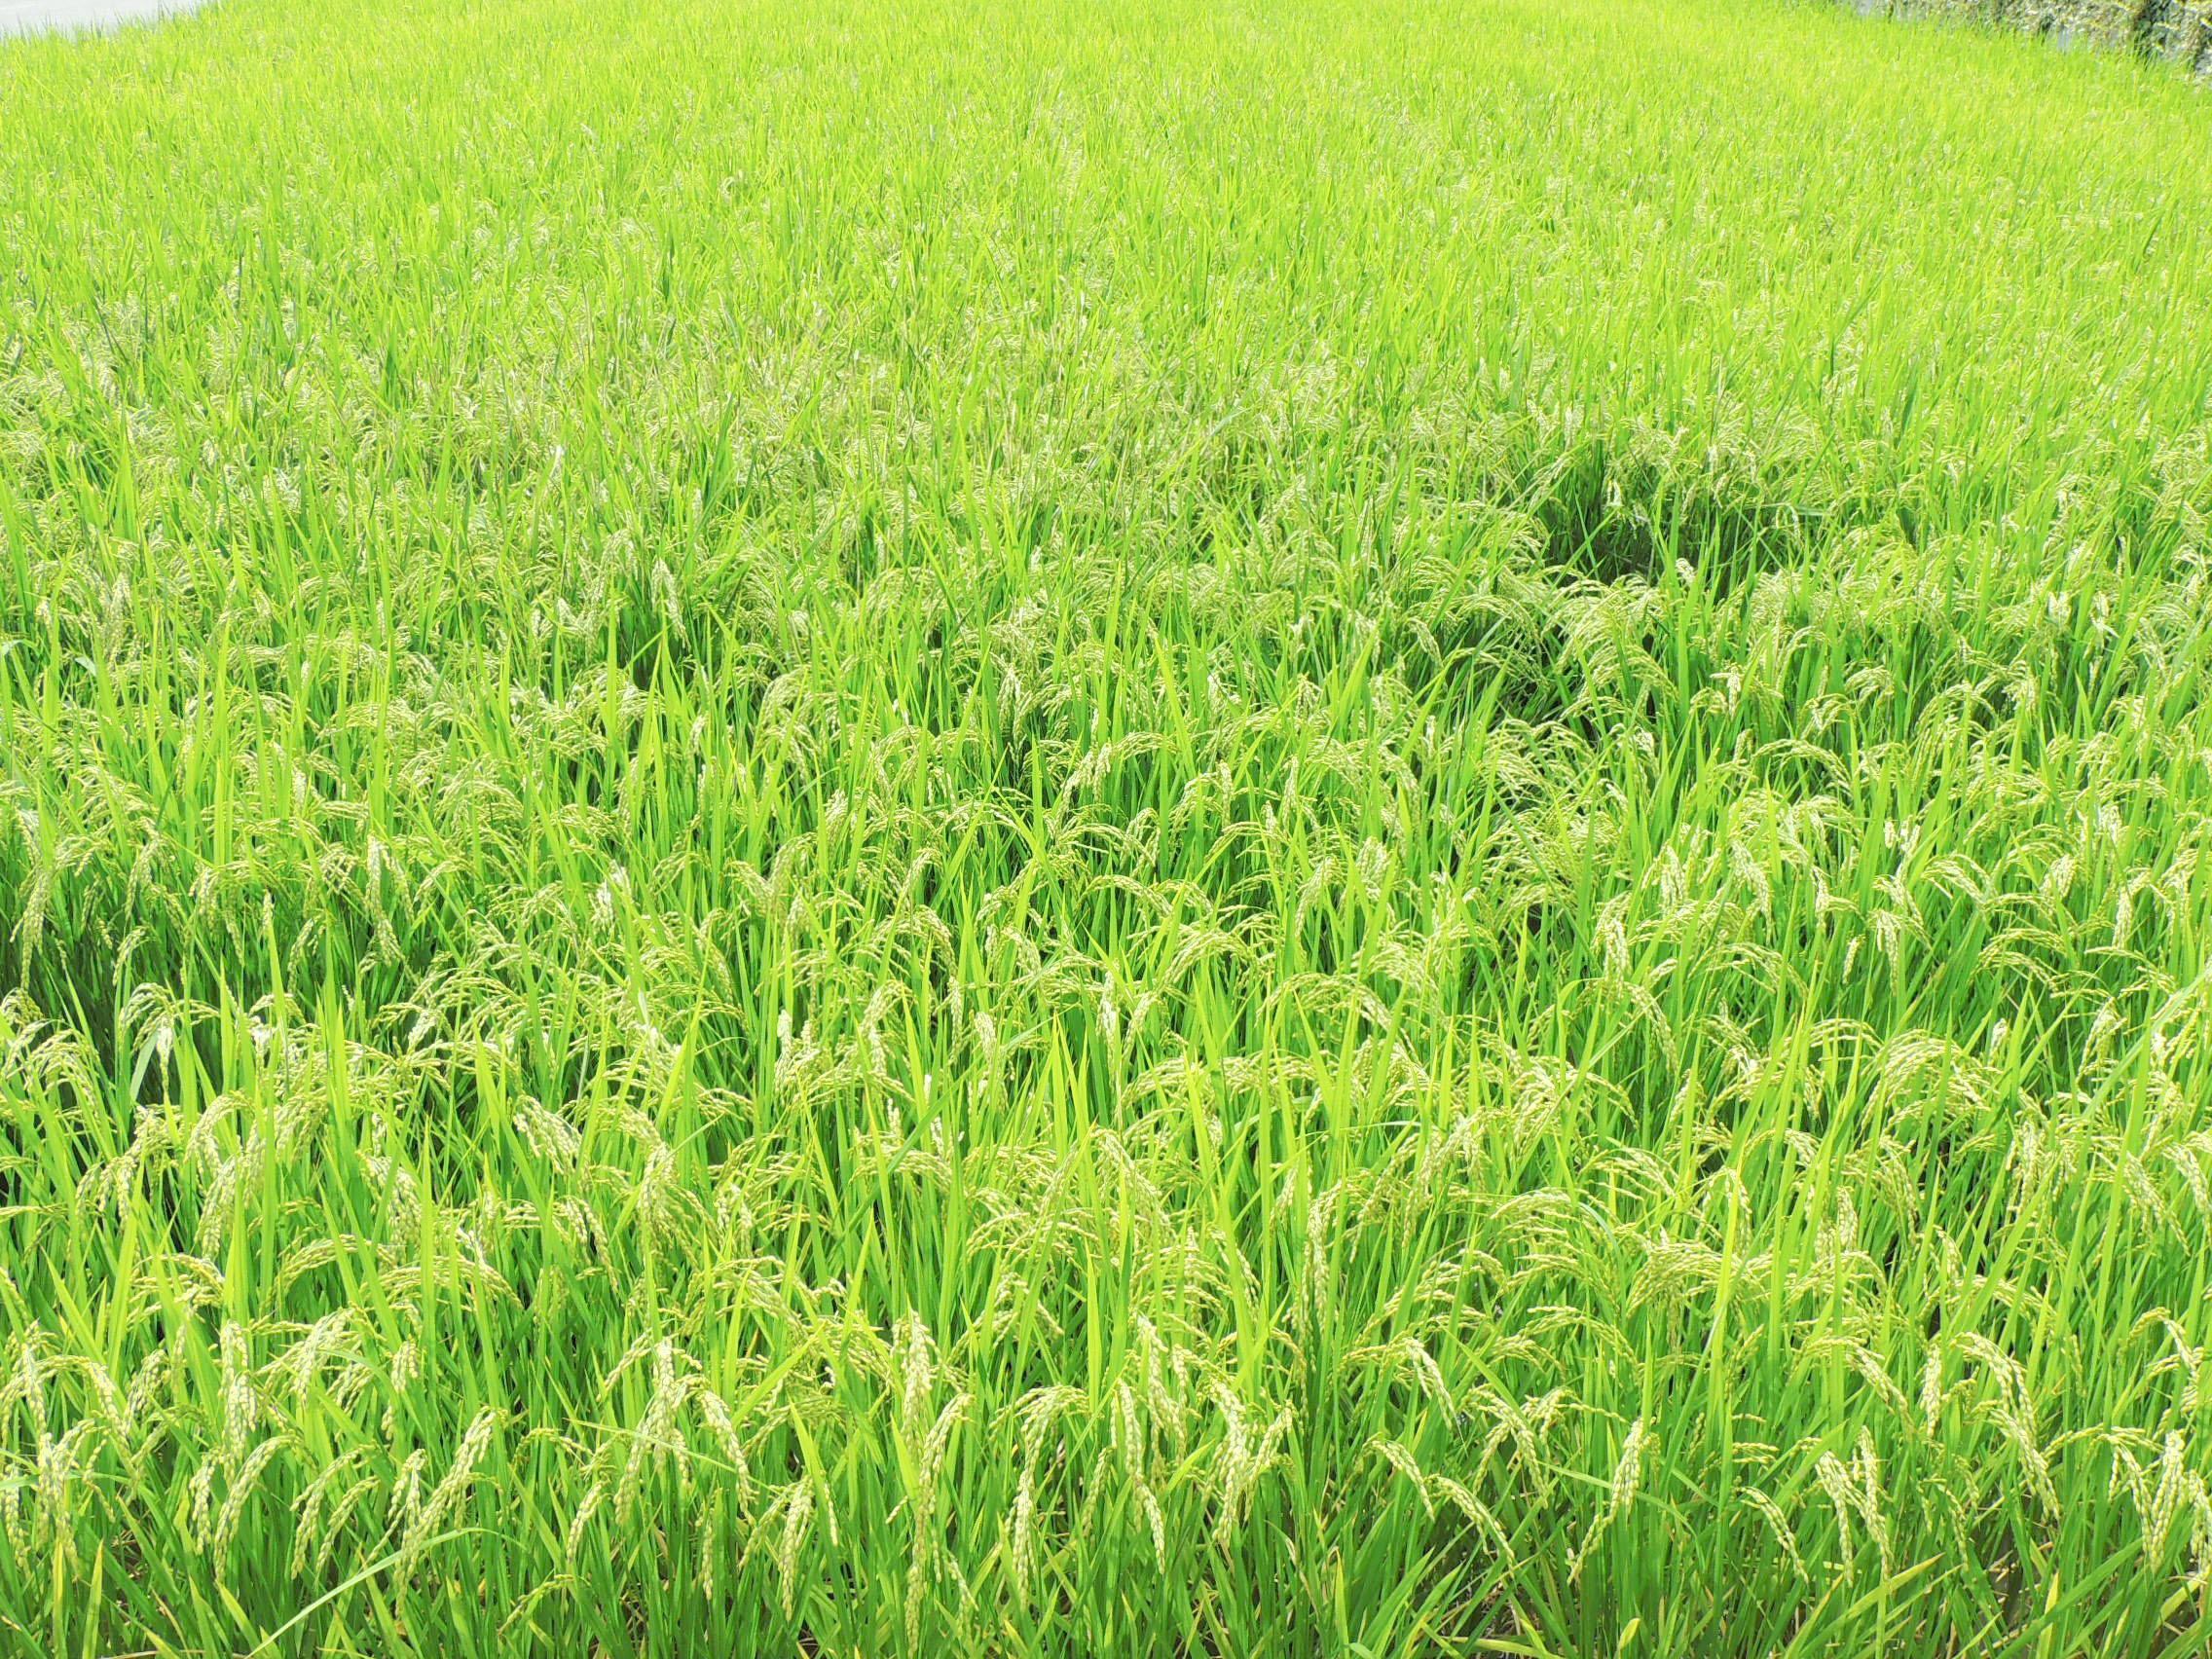 Kanie-cho rice field